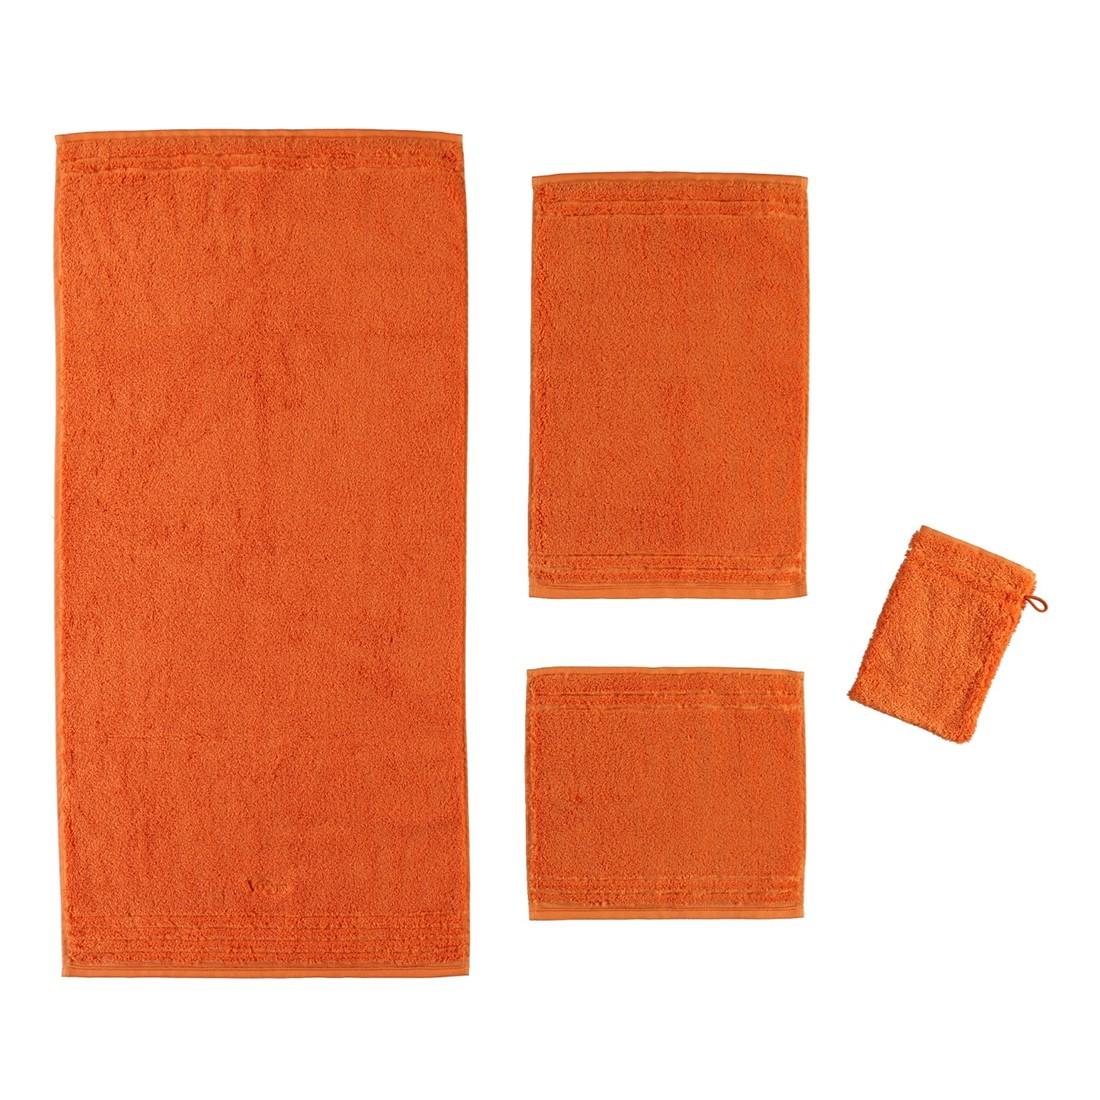 Handtuch Vienna Style Supersoft – 100% Baumwolle fiesta – 260 – Handtuch: 60 x 110 cm, Vossen kaufen